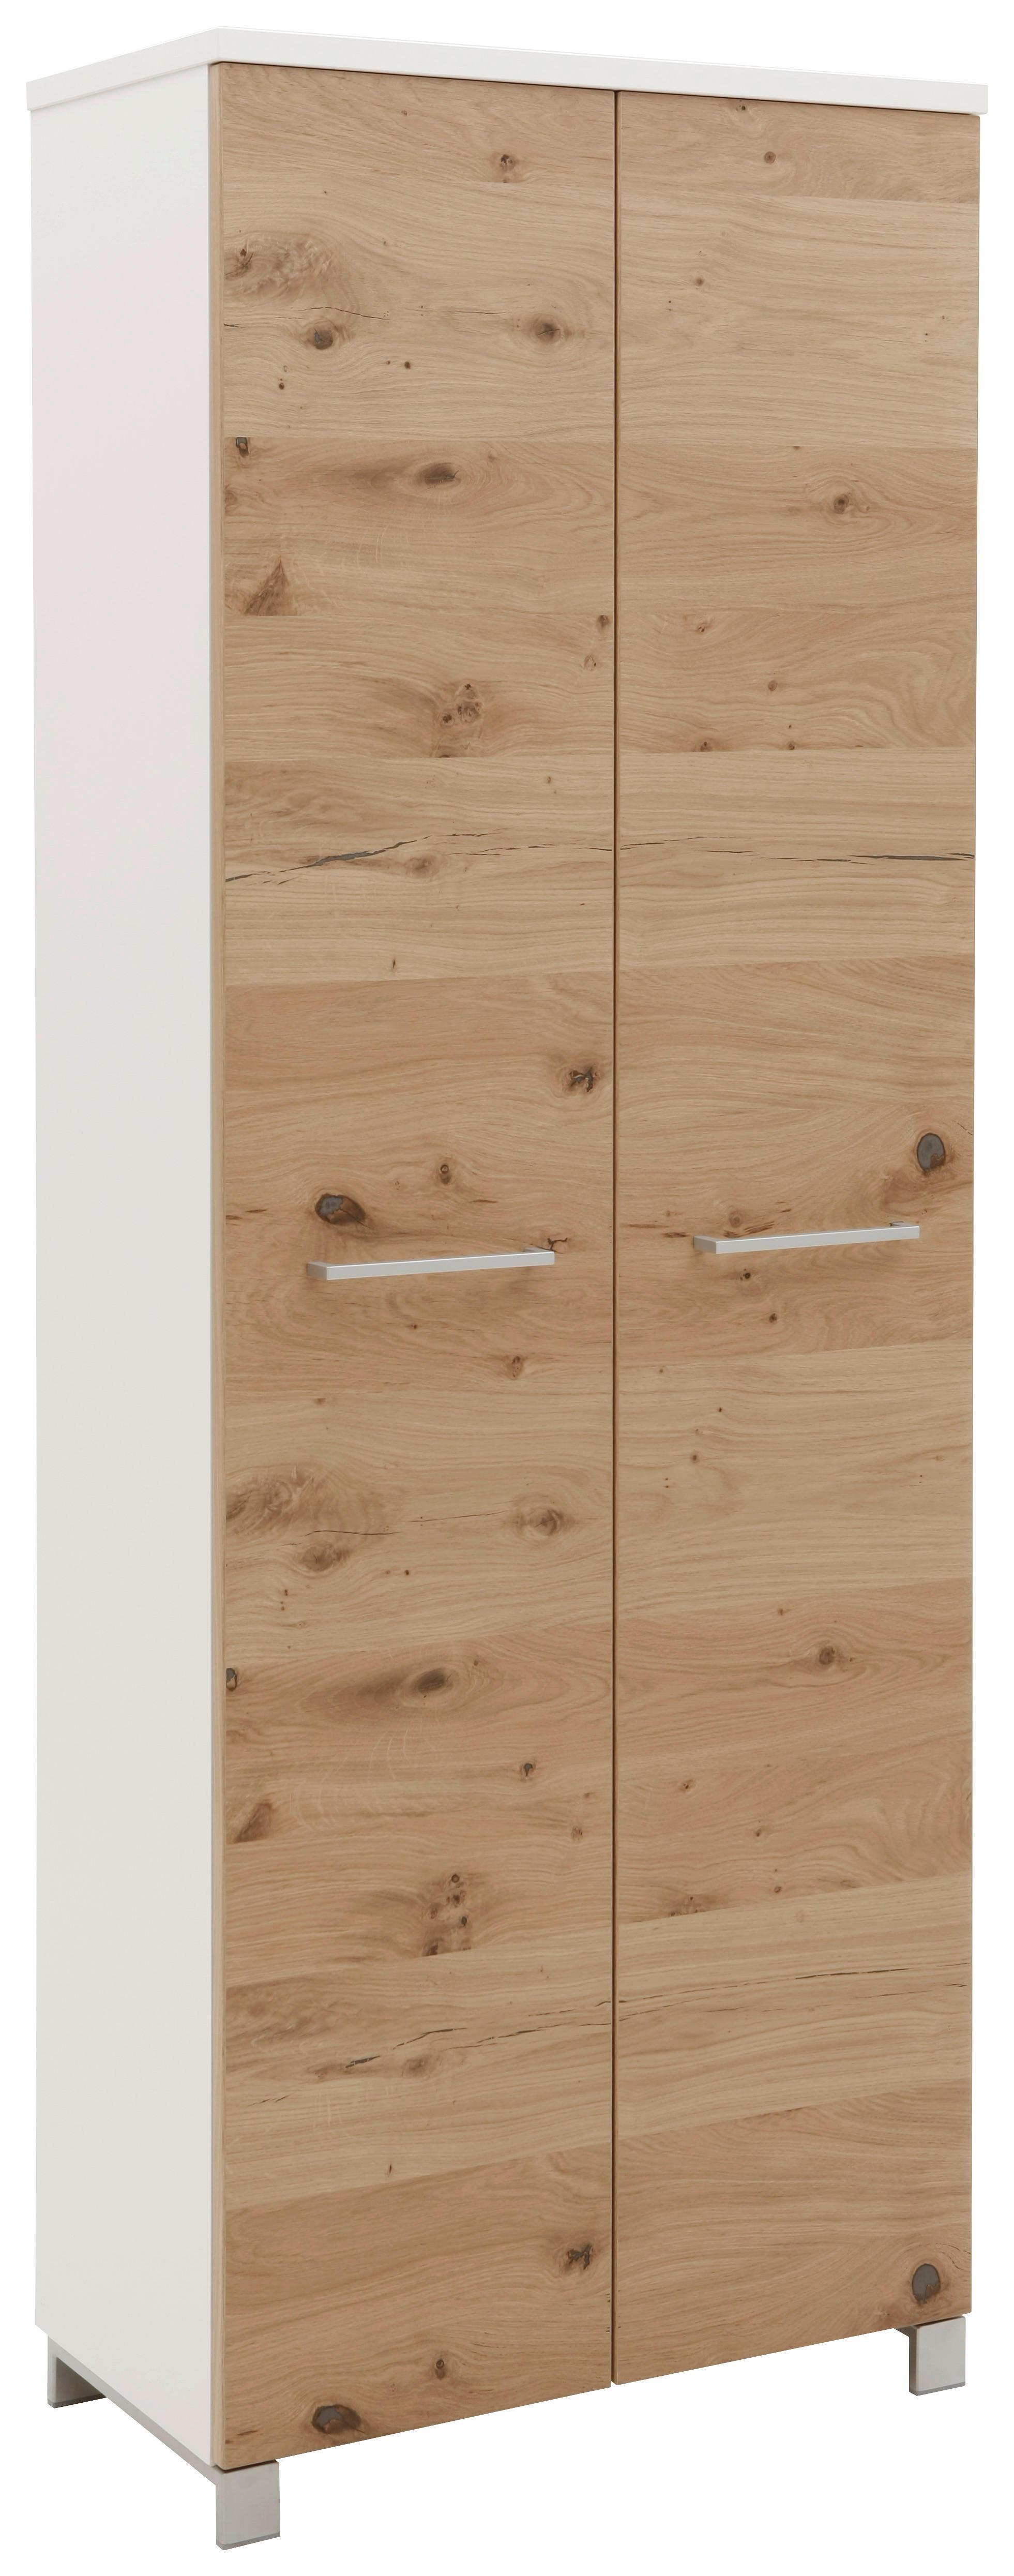 Dieter Knoll ŠATNÍKOVÁ SKRIŇA, biela, farby dubu, trámový dub, 71/193/37 cm - biela, farby dubu